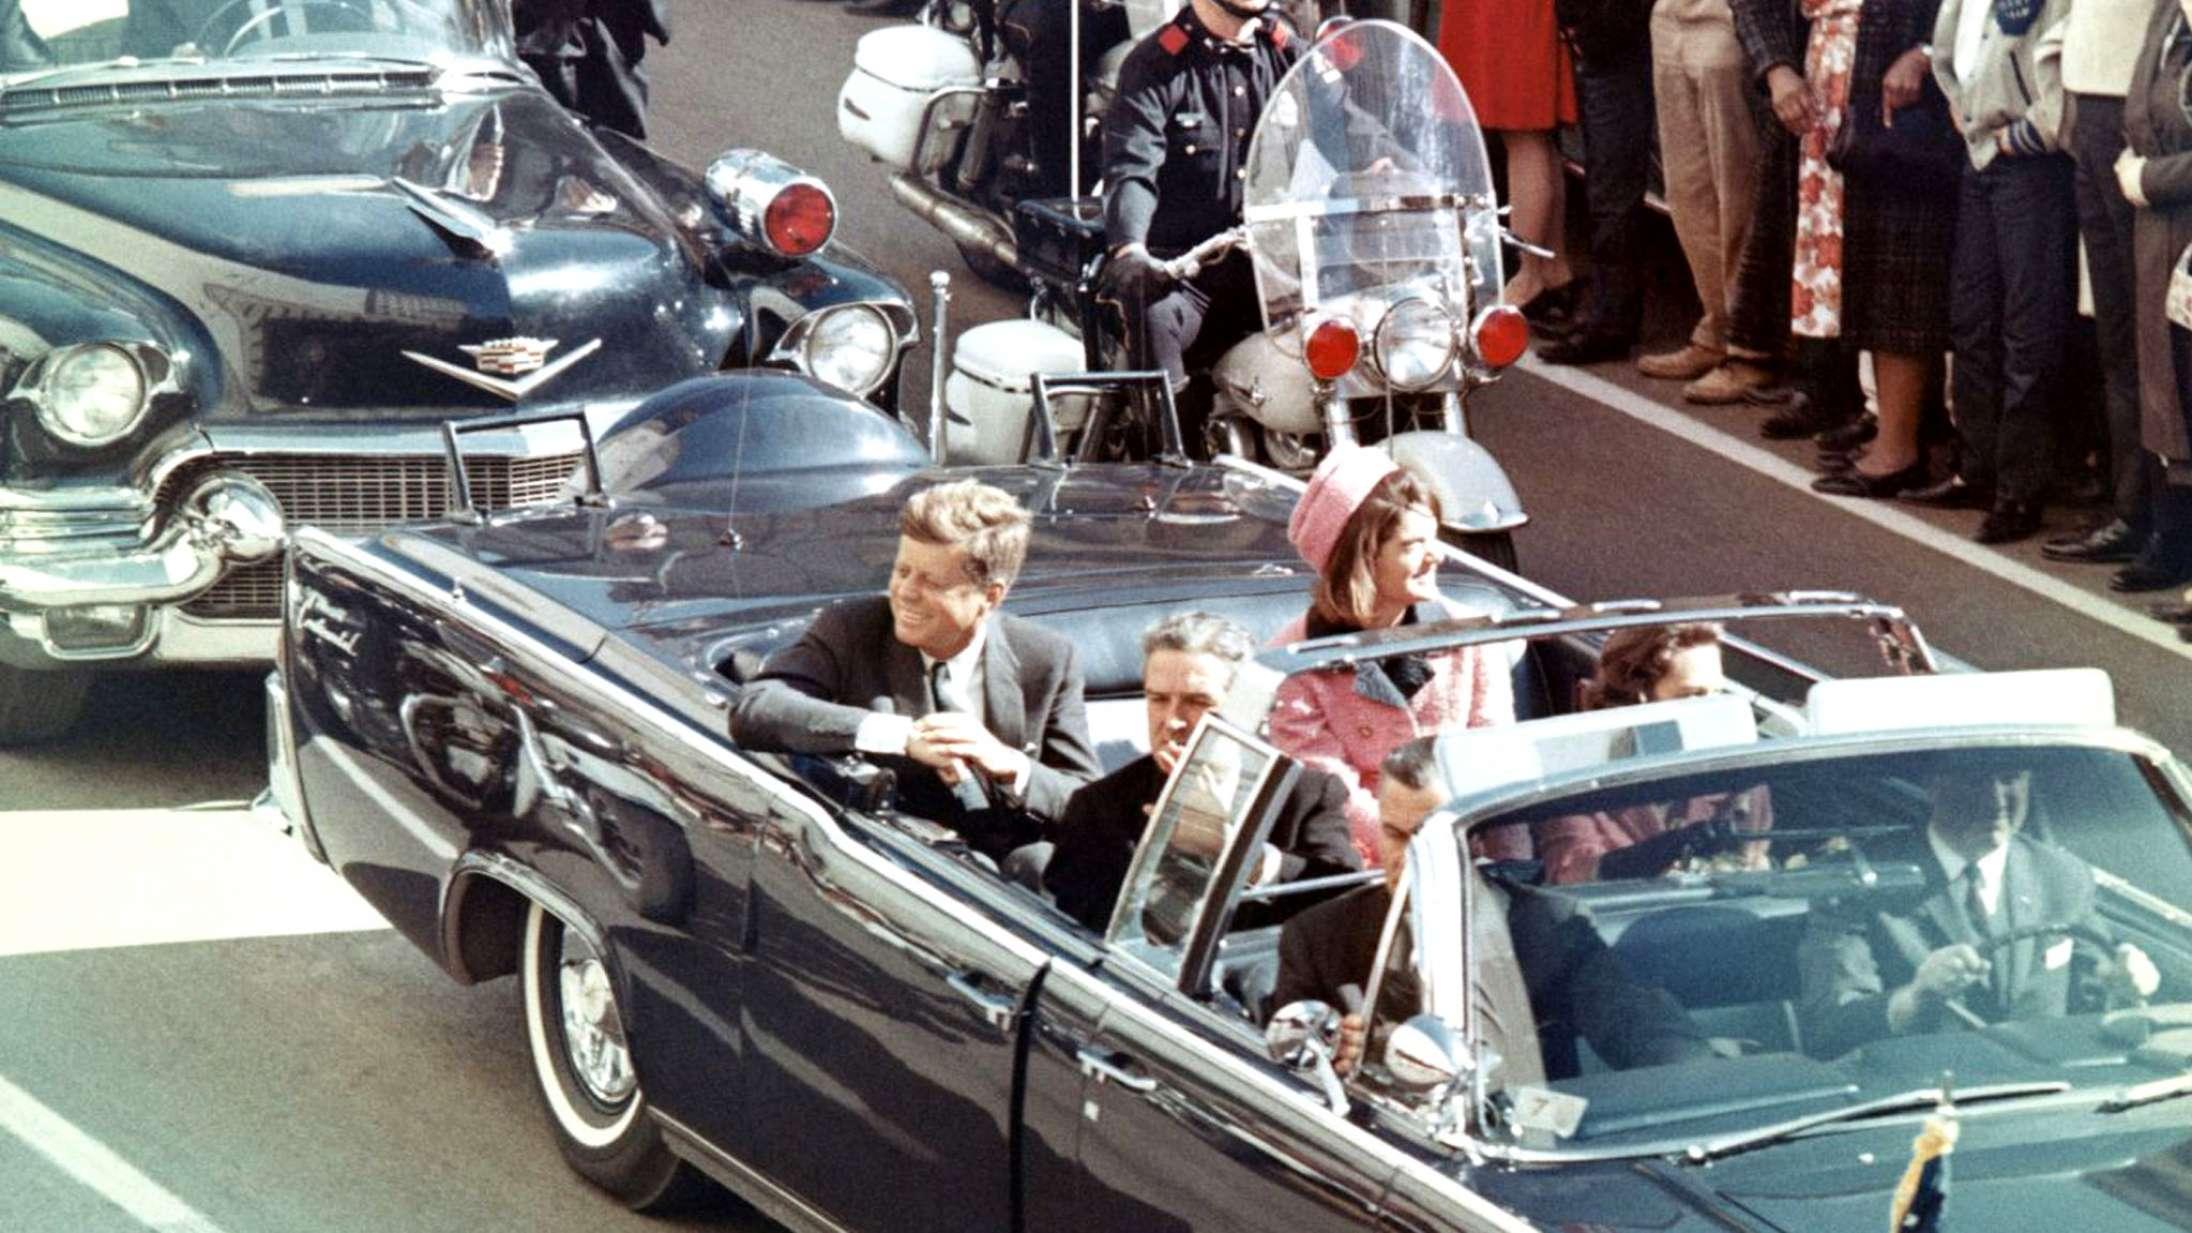 Opklarer ny film mordet på JFK? Vi så den til verdenspremieren